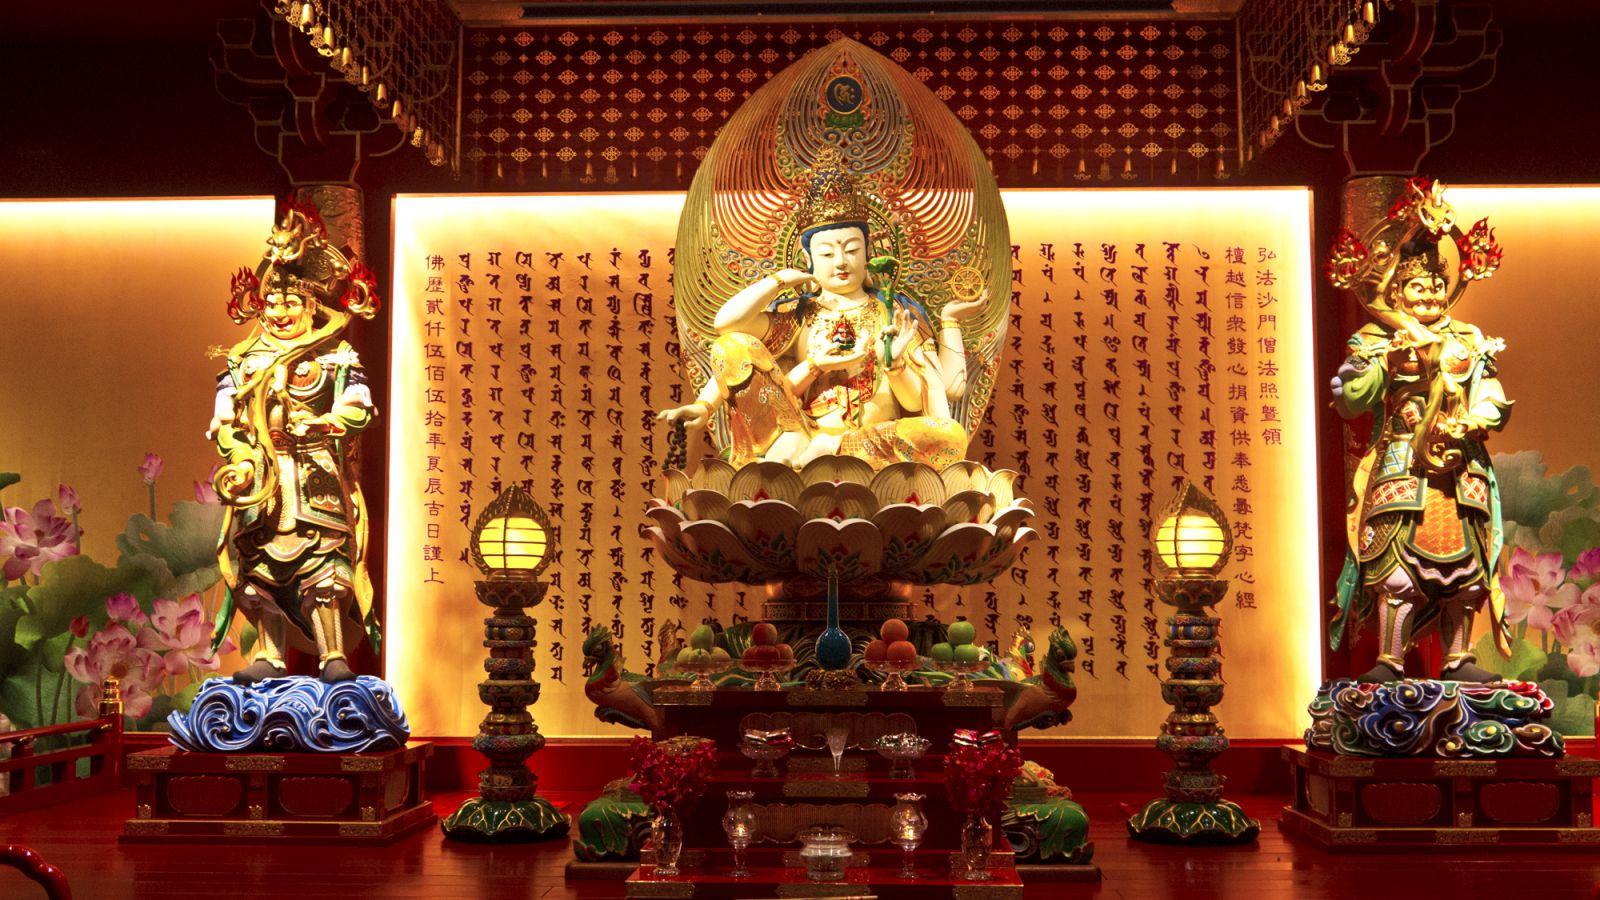 chùa răng phật ở china town singapore